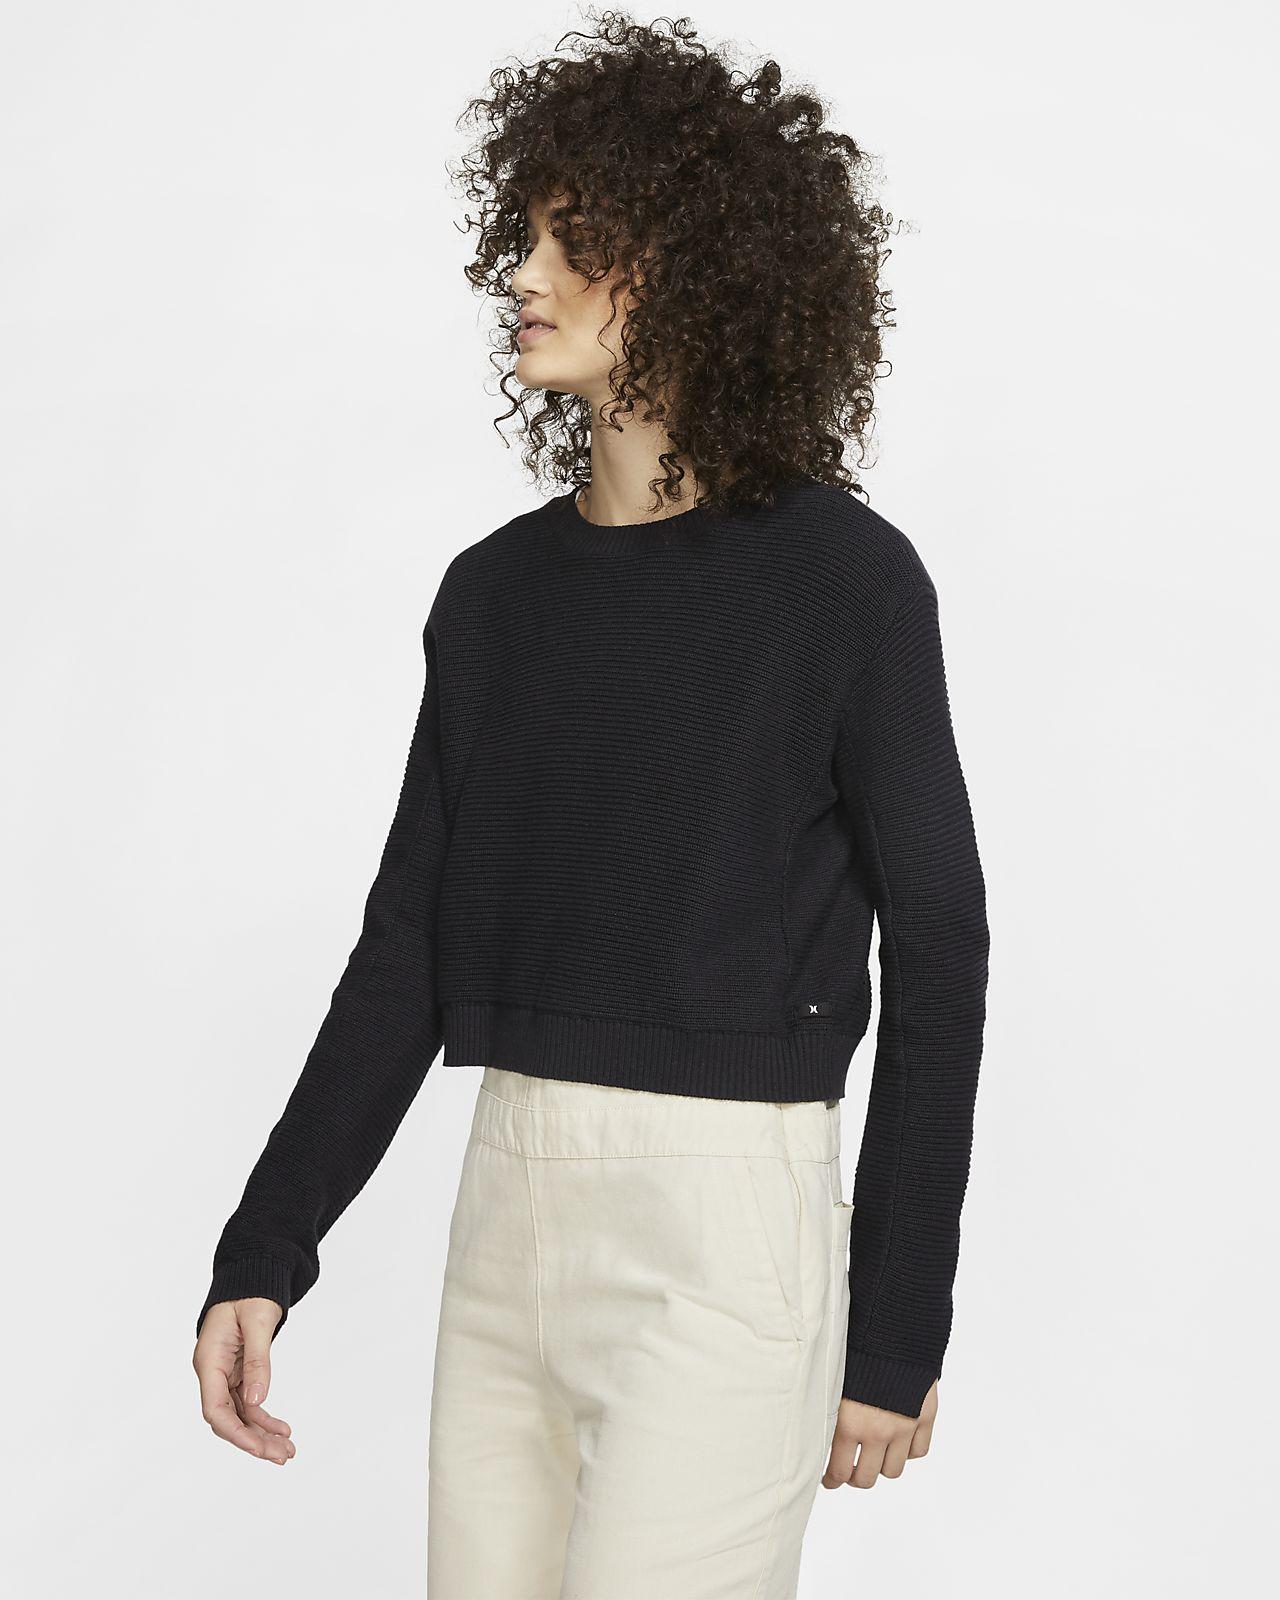 Hurley Sweater Weather Kadın Sweatshirt'ü